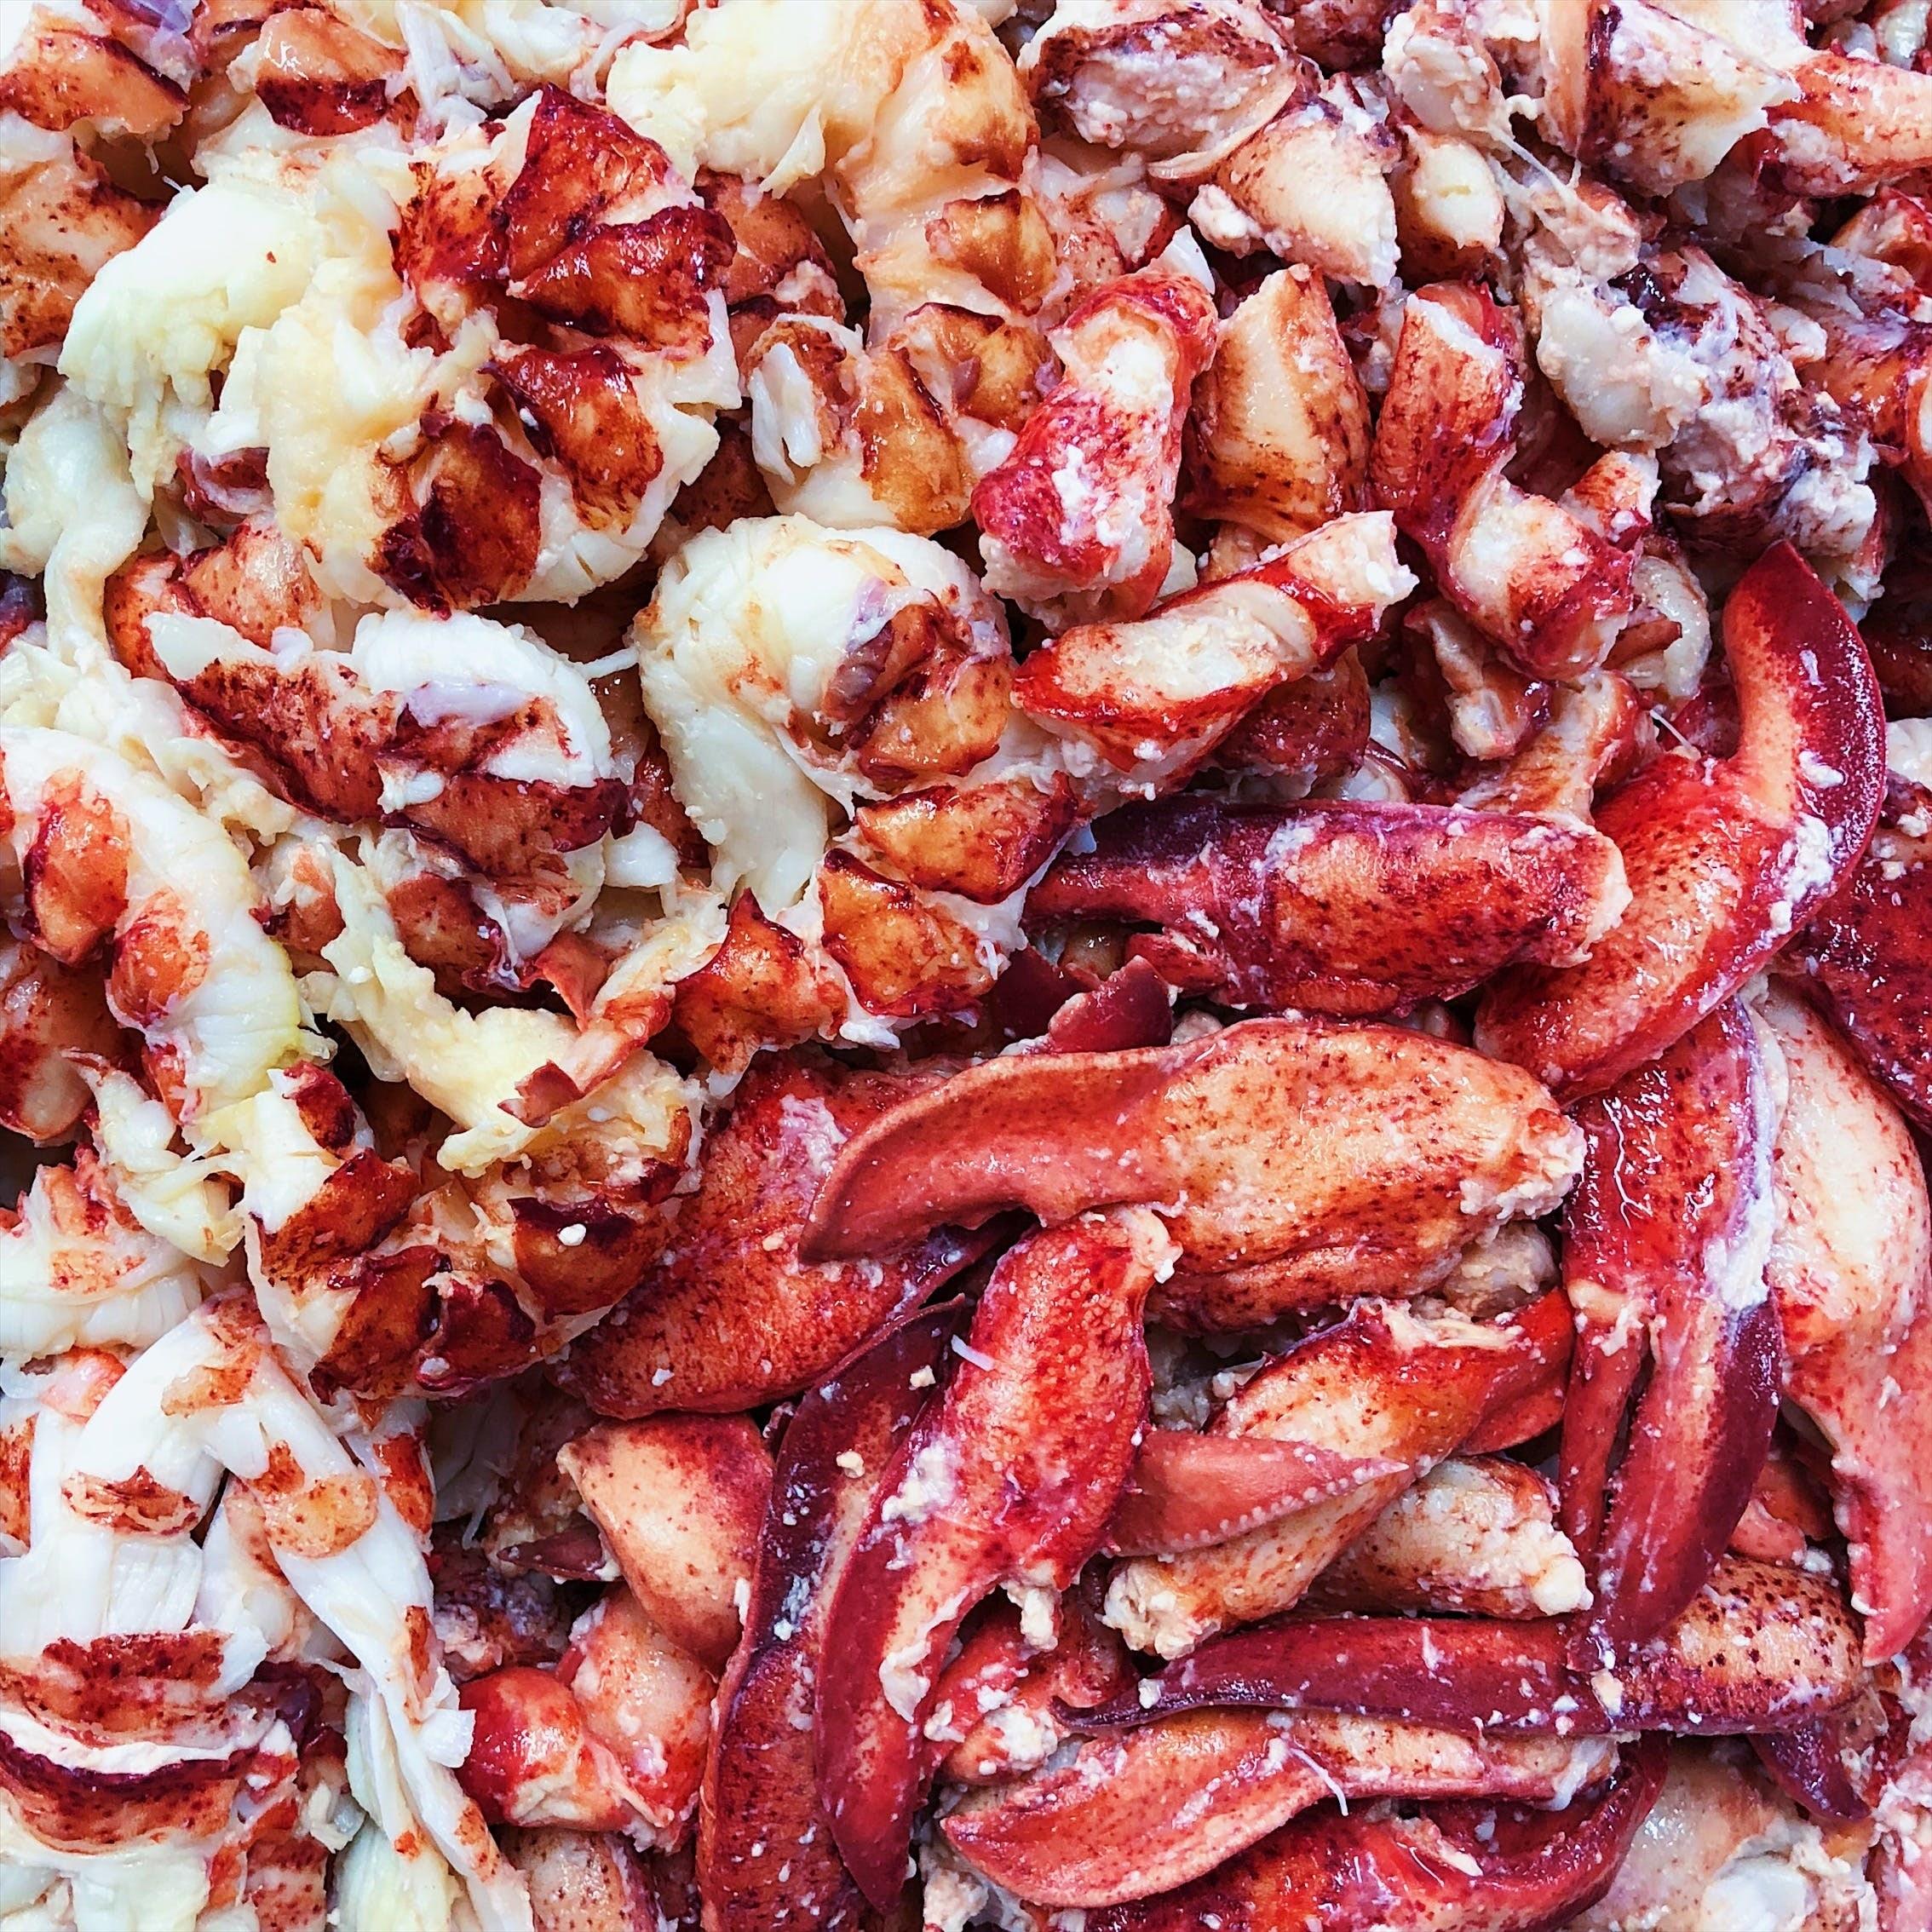 A huge portion of super fresh Maine lobster meat.